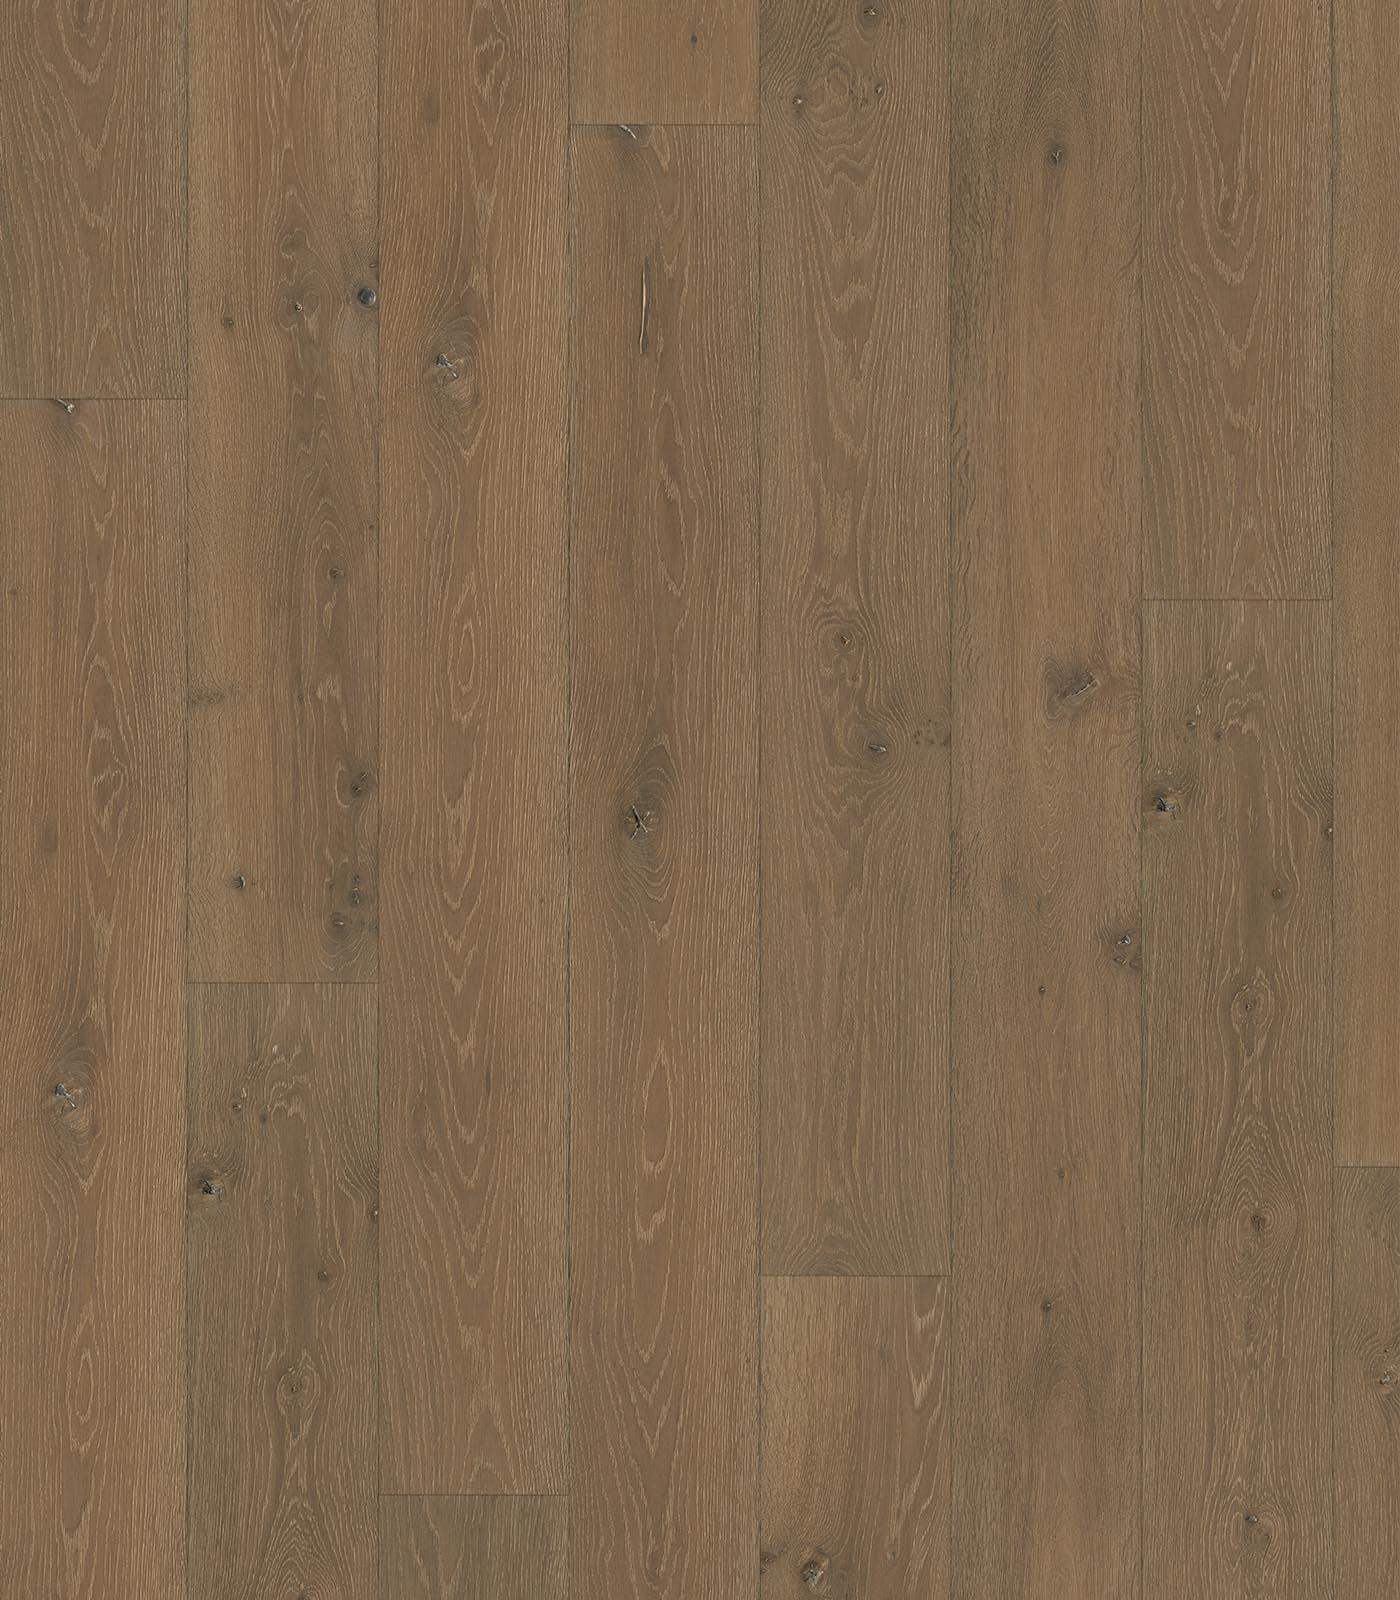 San Marino-Heritage Collection-European Oak Floors-flat